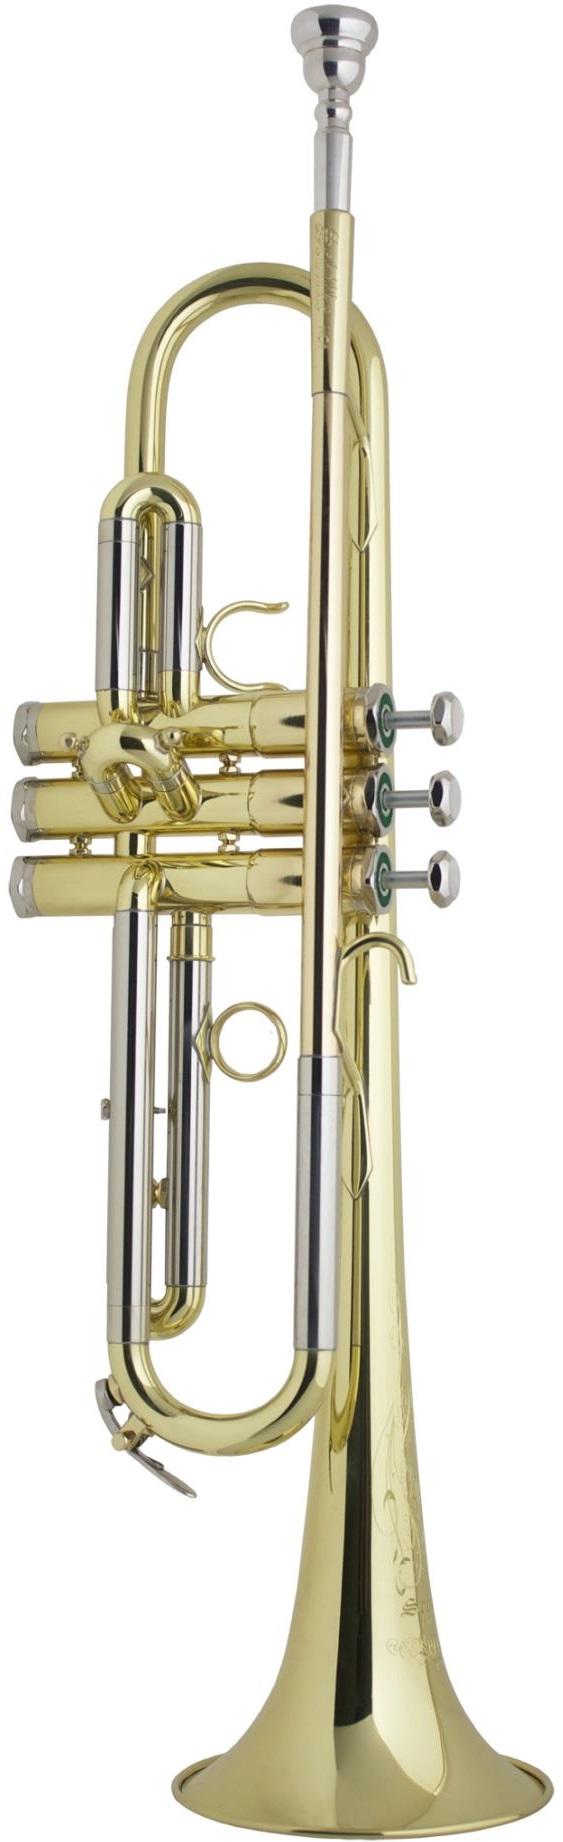 Schilke - HC1L - Blechblasinstrumente - Trompeten mit Perinet-Ventilen | MUSIK BERTRAM Deutschland Freiburg